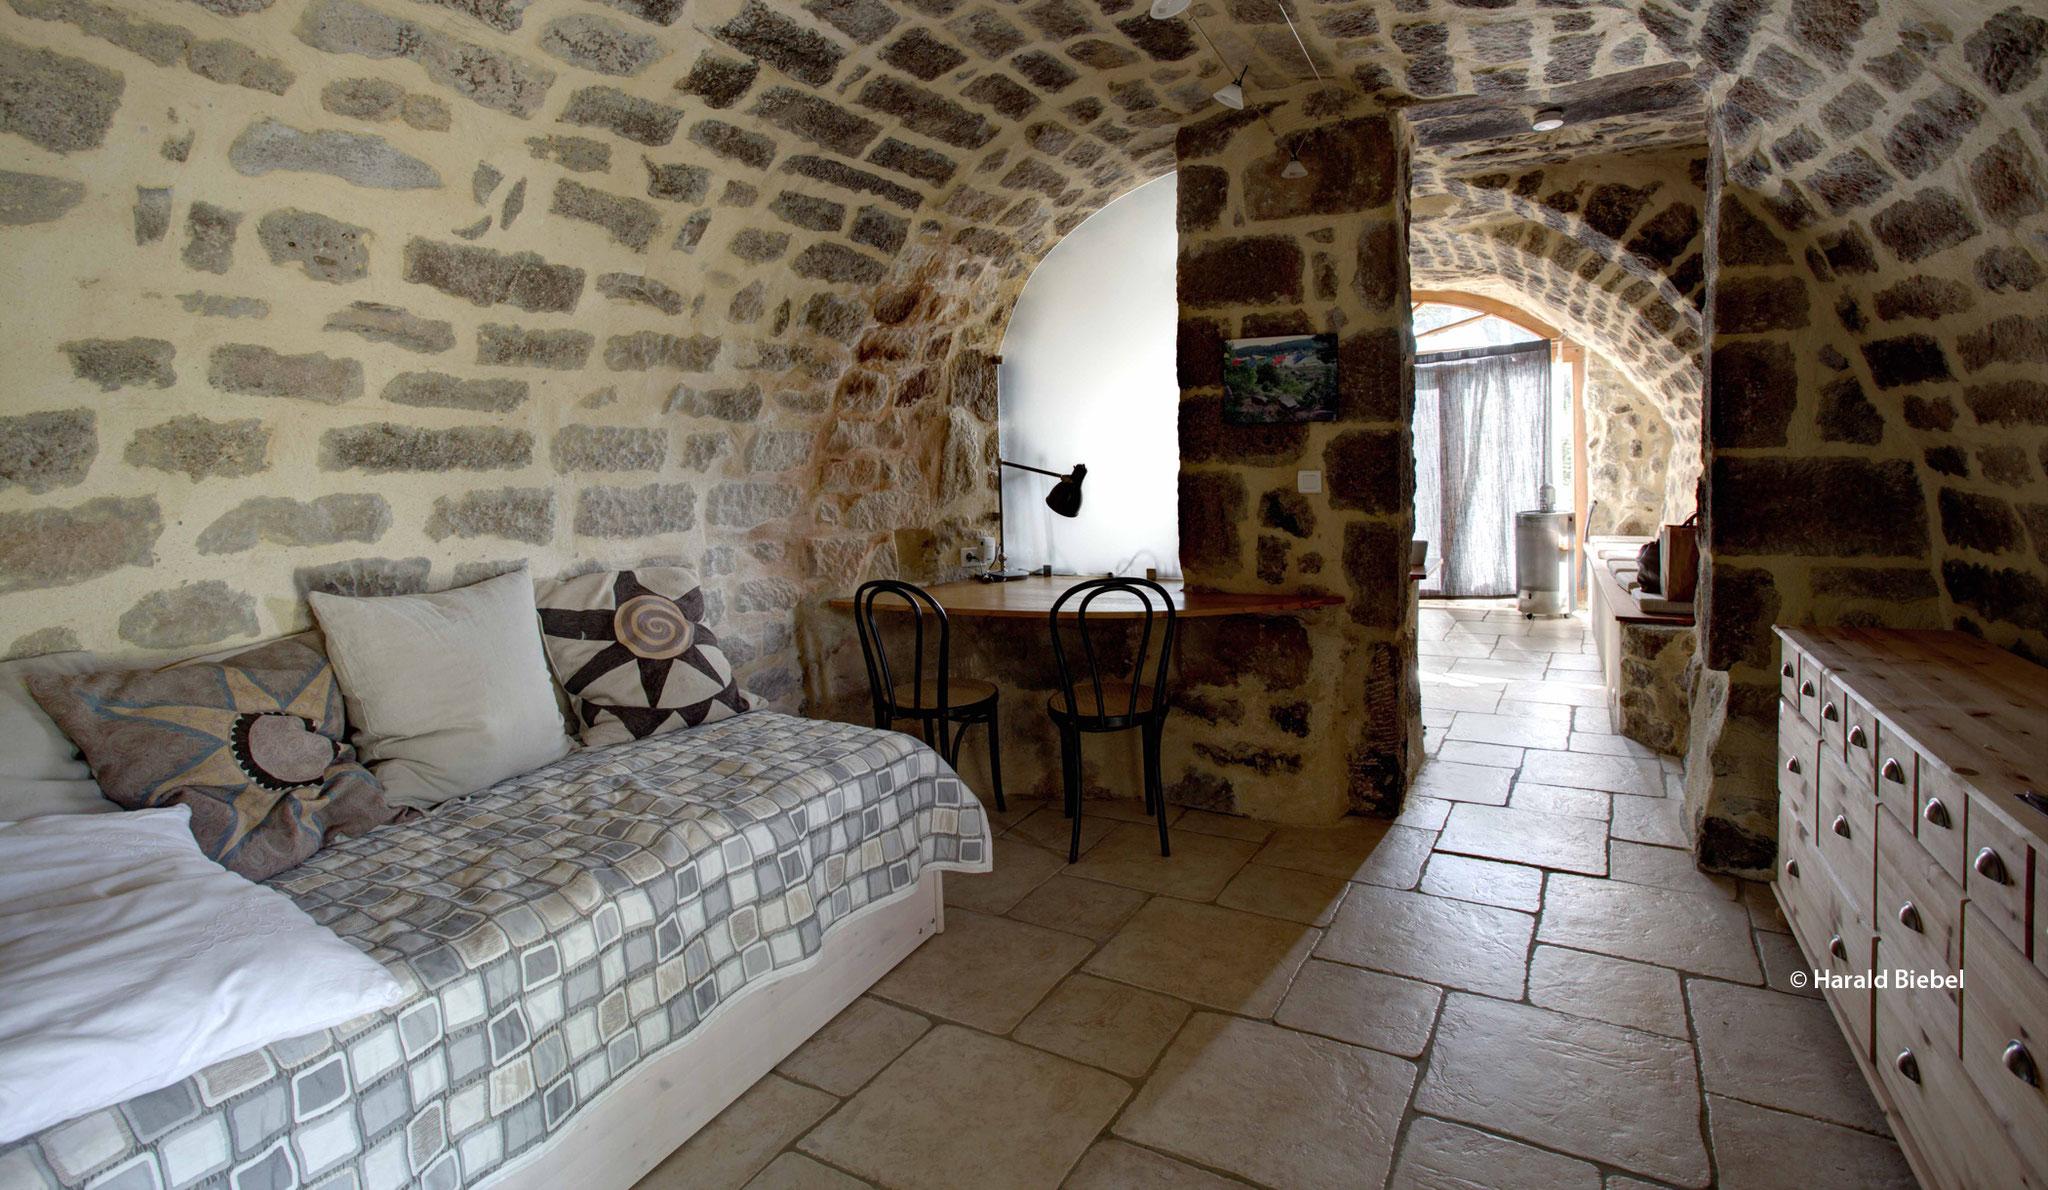 Durchgangsschlafzimmer mit ausziehbarem Bett 2x 90 cm auf zwei Ebenen, keine Tür zum benachbarten großen Schlafzimmer